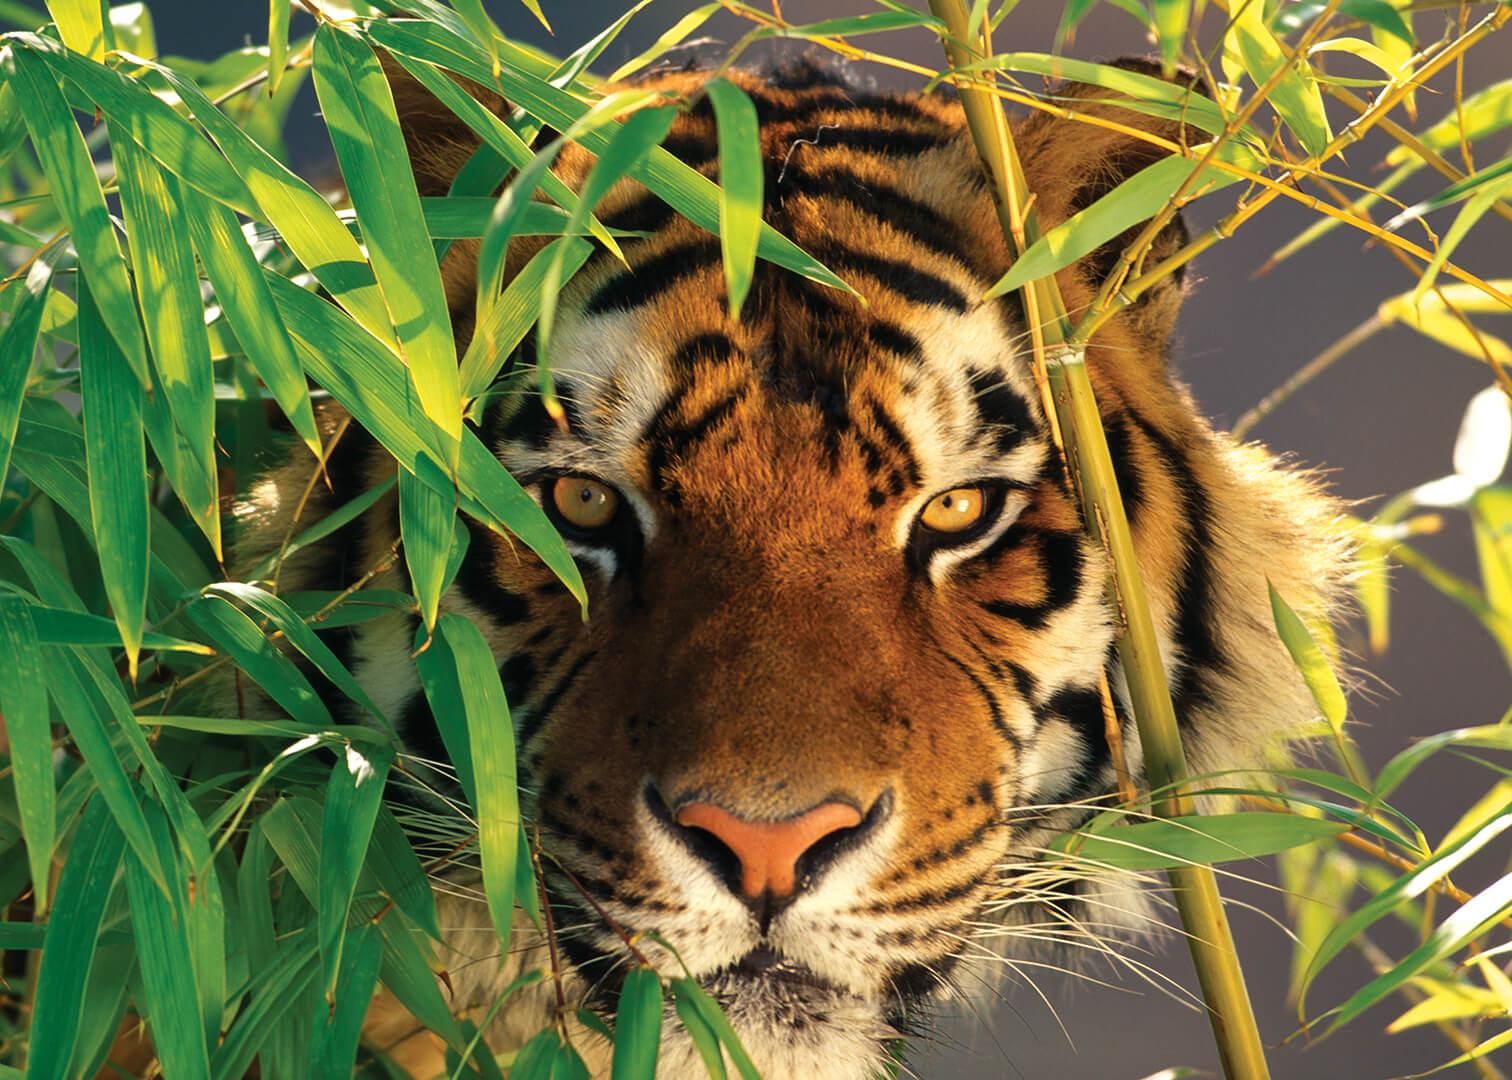 Картина на стекле Postermarket Тигр в бамбуковом лесу, 50 х 70 смAG 50-01Тигр – кошка с особой грацией. Его движения плавны, ловки, быстры, он умеет двигаться бесшумно и аккуратно. Как у истинного хищника у него тонкий слух, отличное зрение, высокая прыгучесть, он хороший скалолаз и пловец. Отличное решение для подарка.